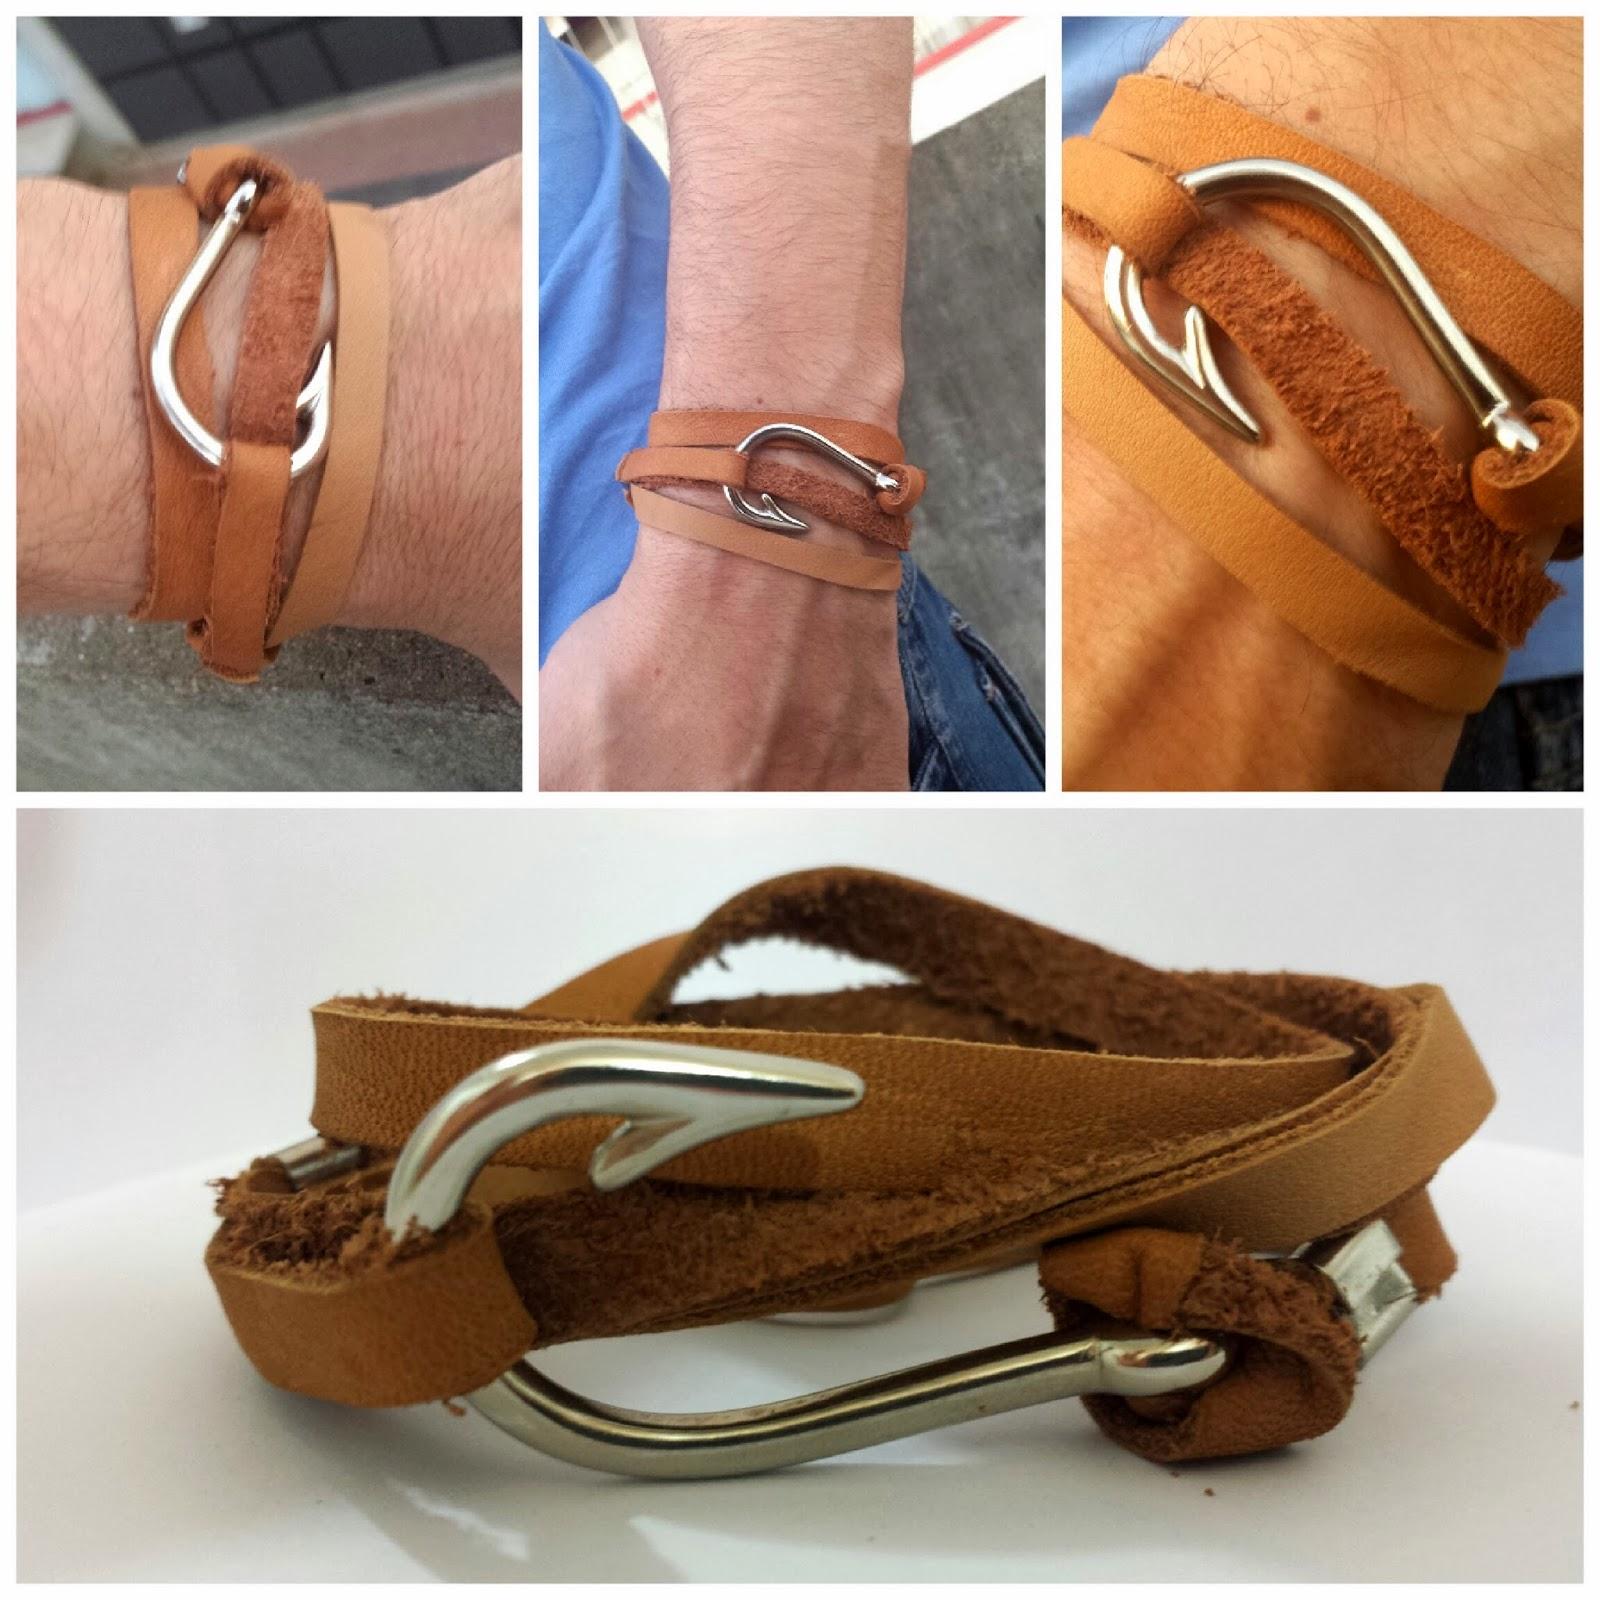 24bc222b69667 E para quem acha que pulseiras só devem ser usadas com roupas casuais e  despojadas, o verdadeiro fato é que ternos e pulseiras combinam muito bem  obrigado.